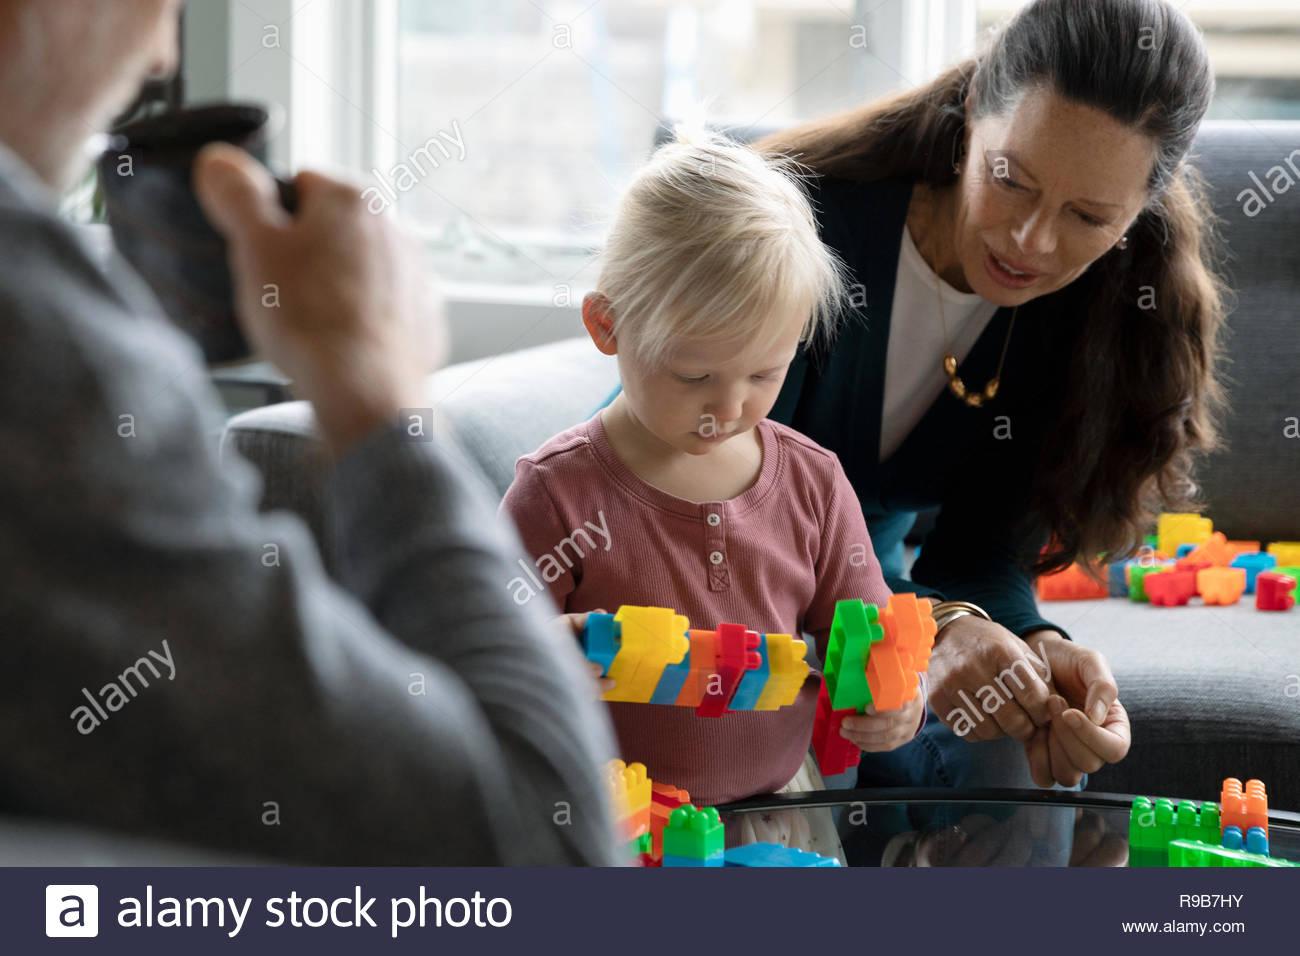 Großmutter und Enkelin spielen mit Kunststoff Bausteine Stockbild